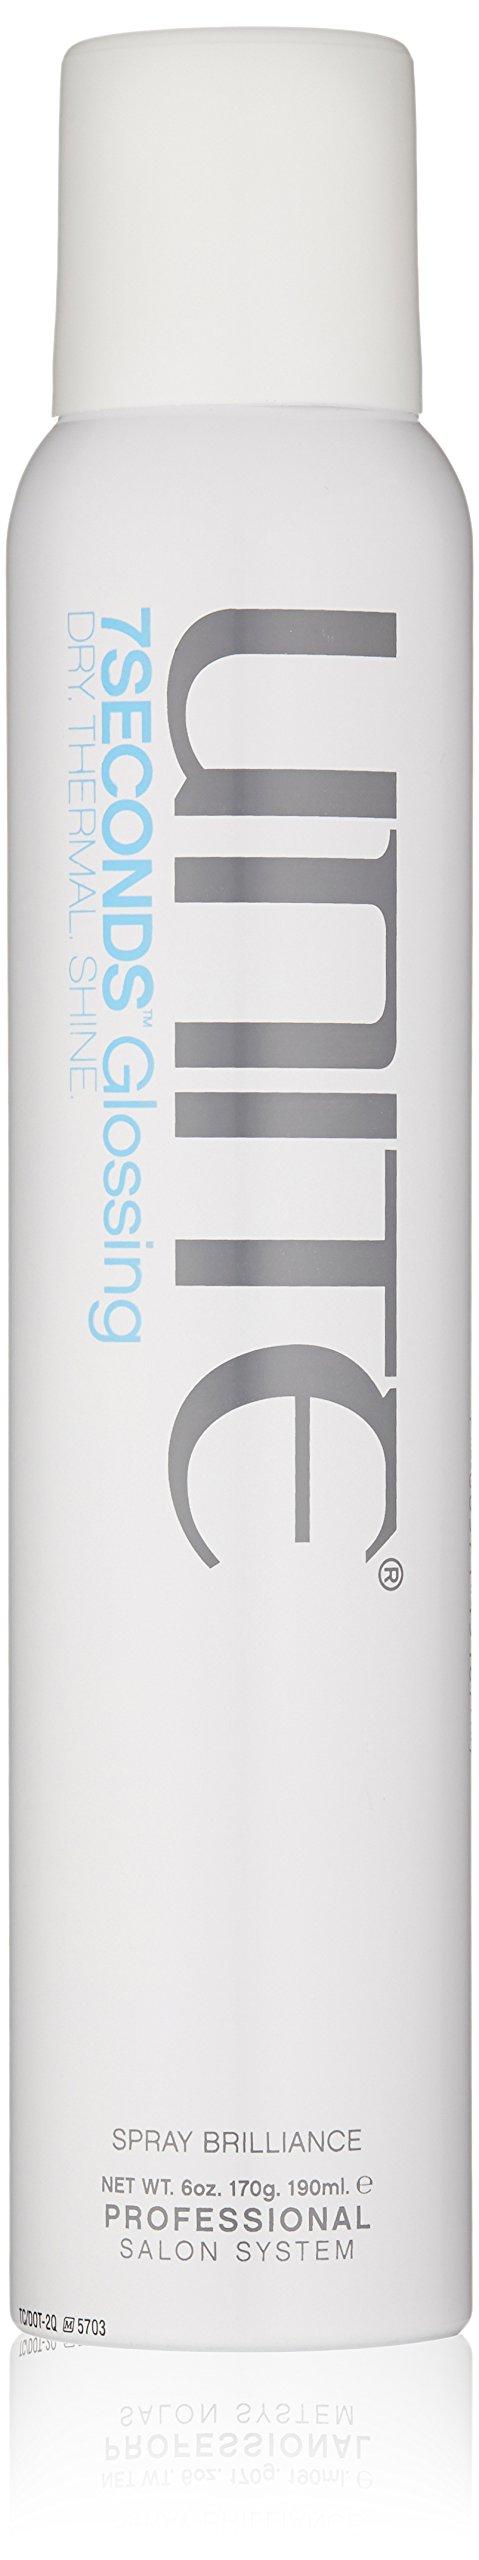 UNITE Hair 7 Seconds Glossing Spray, 6 Oz